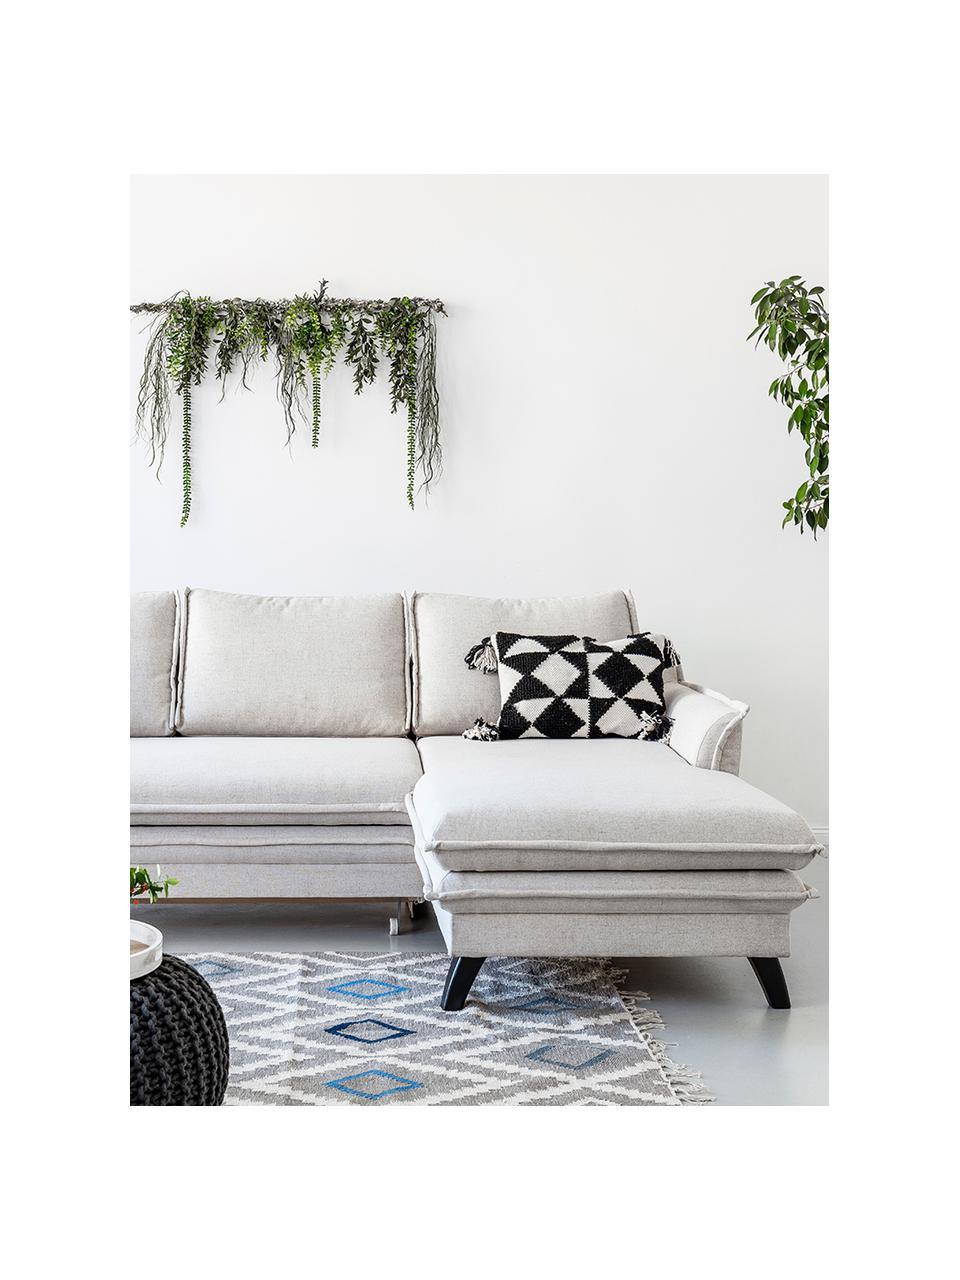 Sofa narożna z funkcją spania i miejscem do przechowywania Charming Charlie, Tapicerka: 100% poliester, w dotyku , Stelaż: drewno naturalne, płyta w, Beżowy, S 228 x G 150 cm